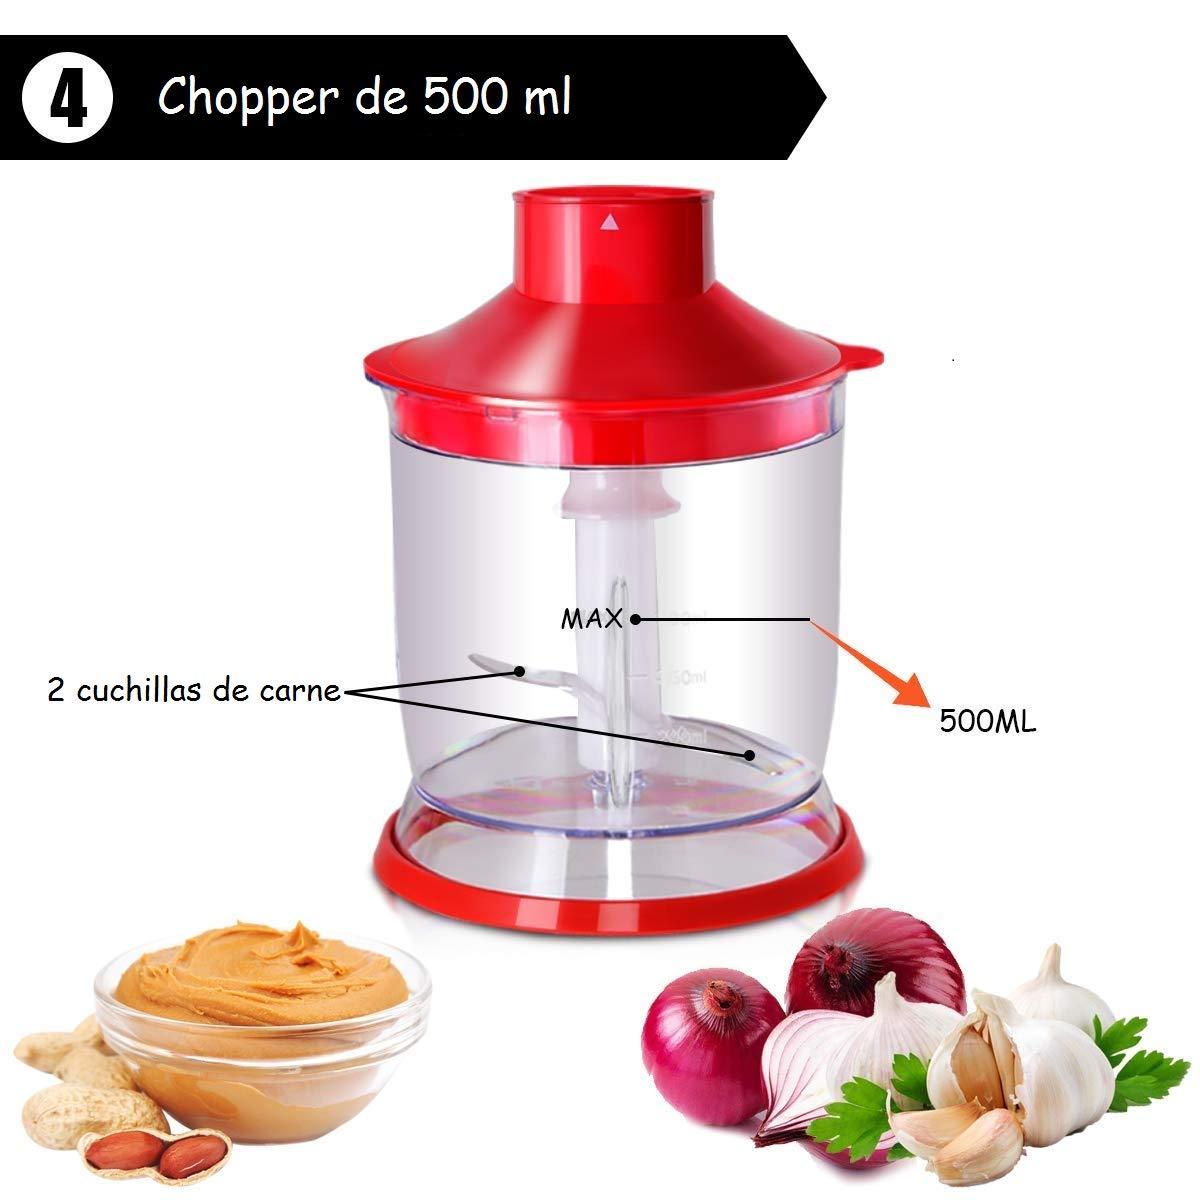 COSTWAY Batidora de Mano Conjunto Mezclador Trituradora Procesador de Alimentos Acero Inoxidable 1000W Velocidad Continua (Rojo): Amazon.es: Hogar